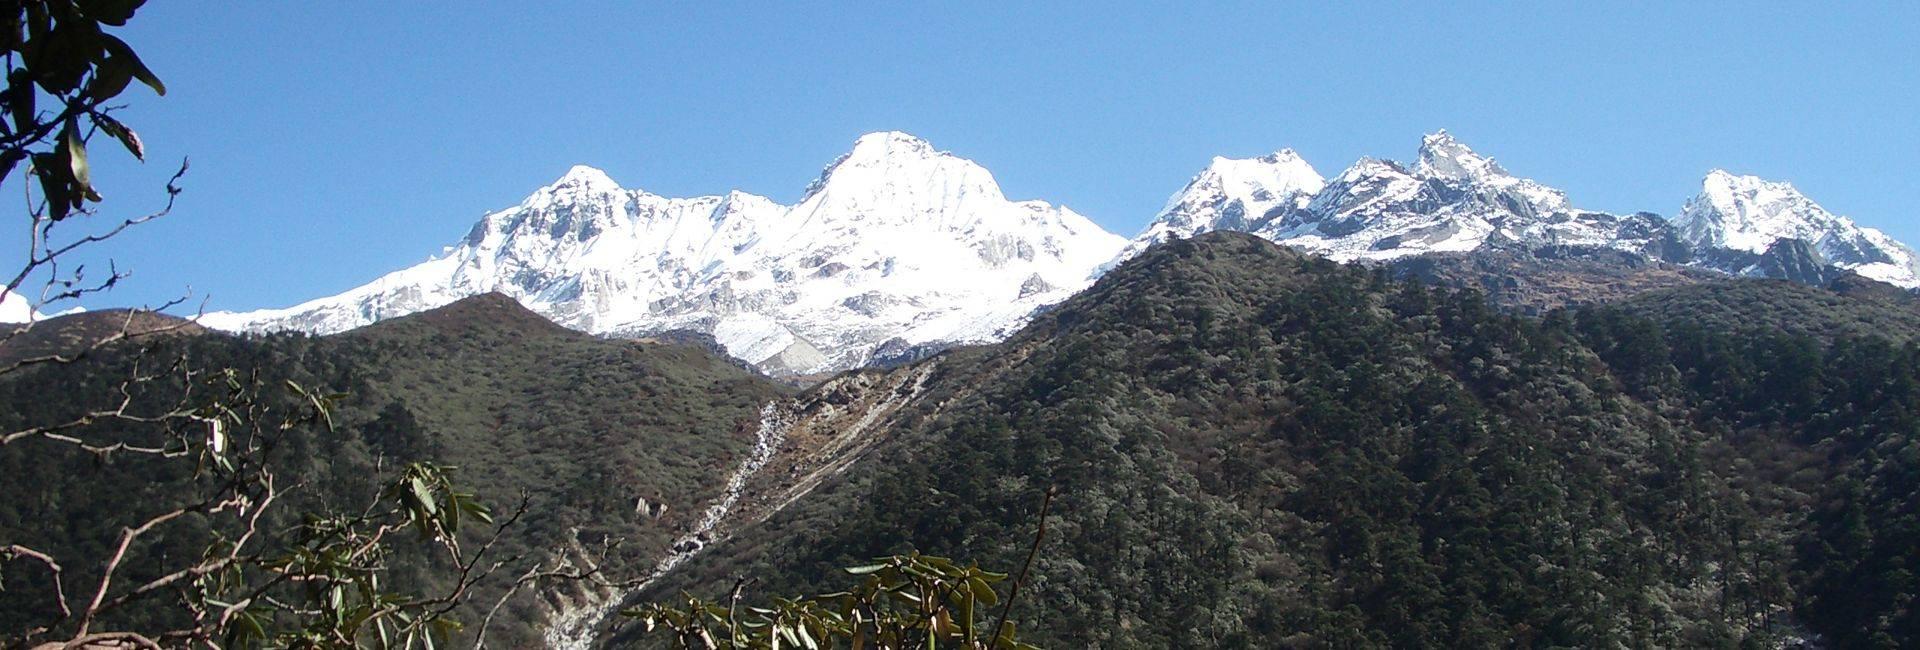 View from trail above Tshoka